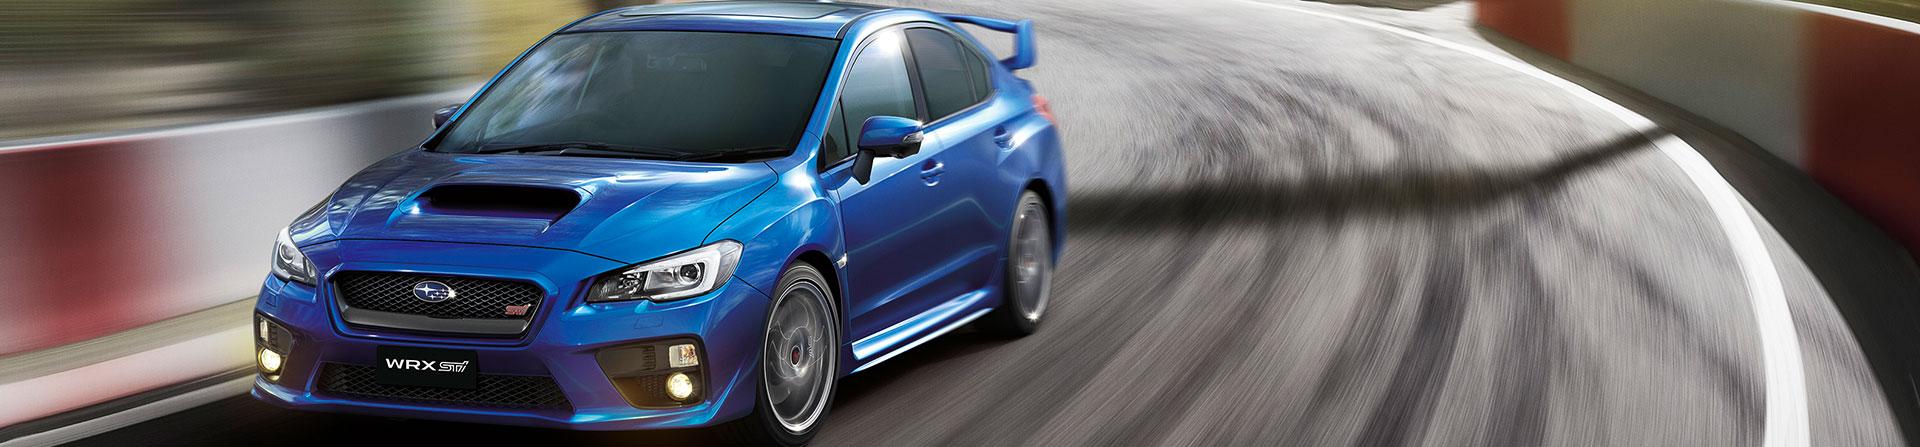 Subaru WRX STI Image 0